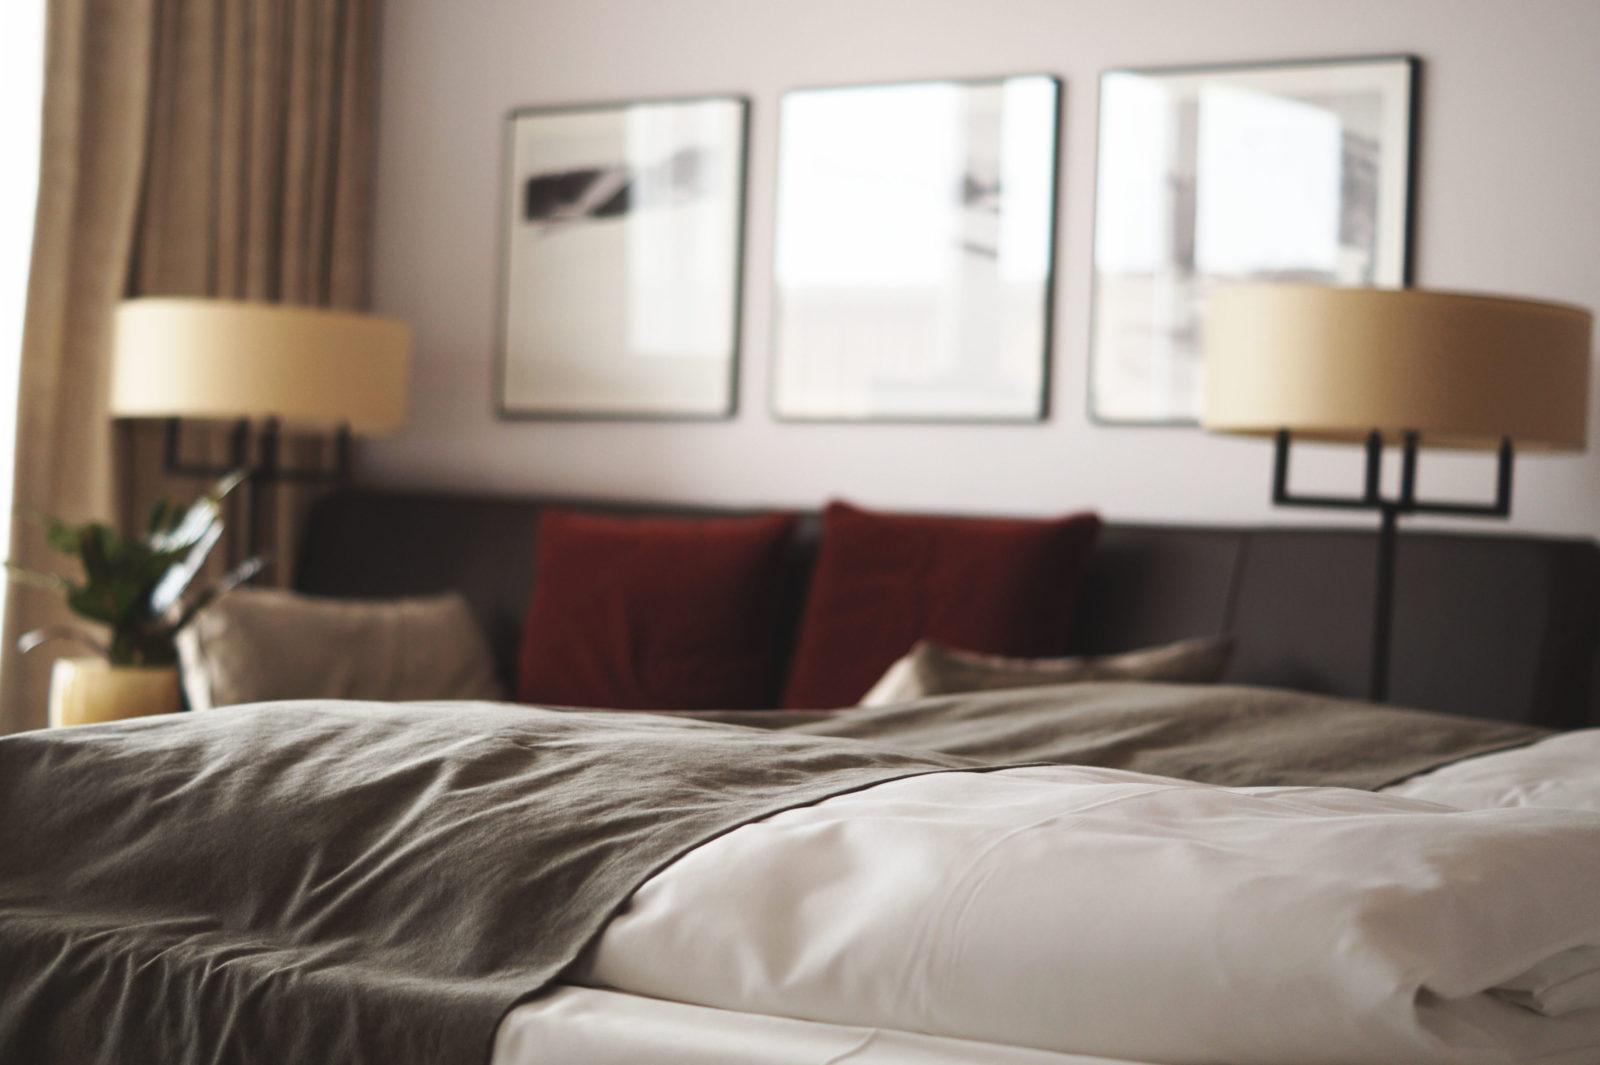 Hotel Review Travel Charme Ifen Hotel Kleinwalsertal Austria Österreich Hotelbewertung Juniorsuite Ausstattung